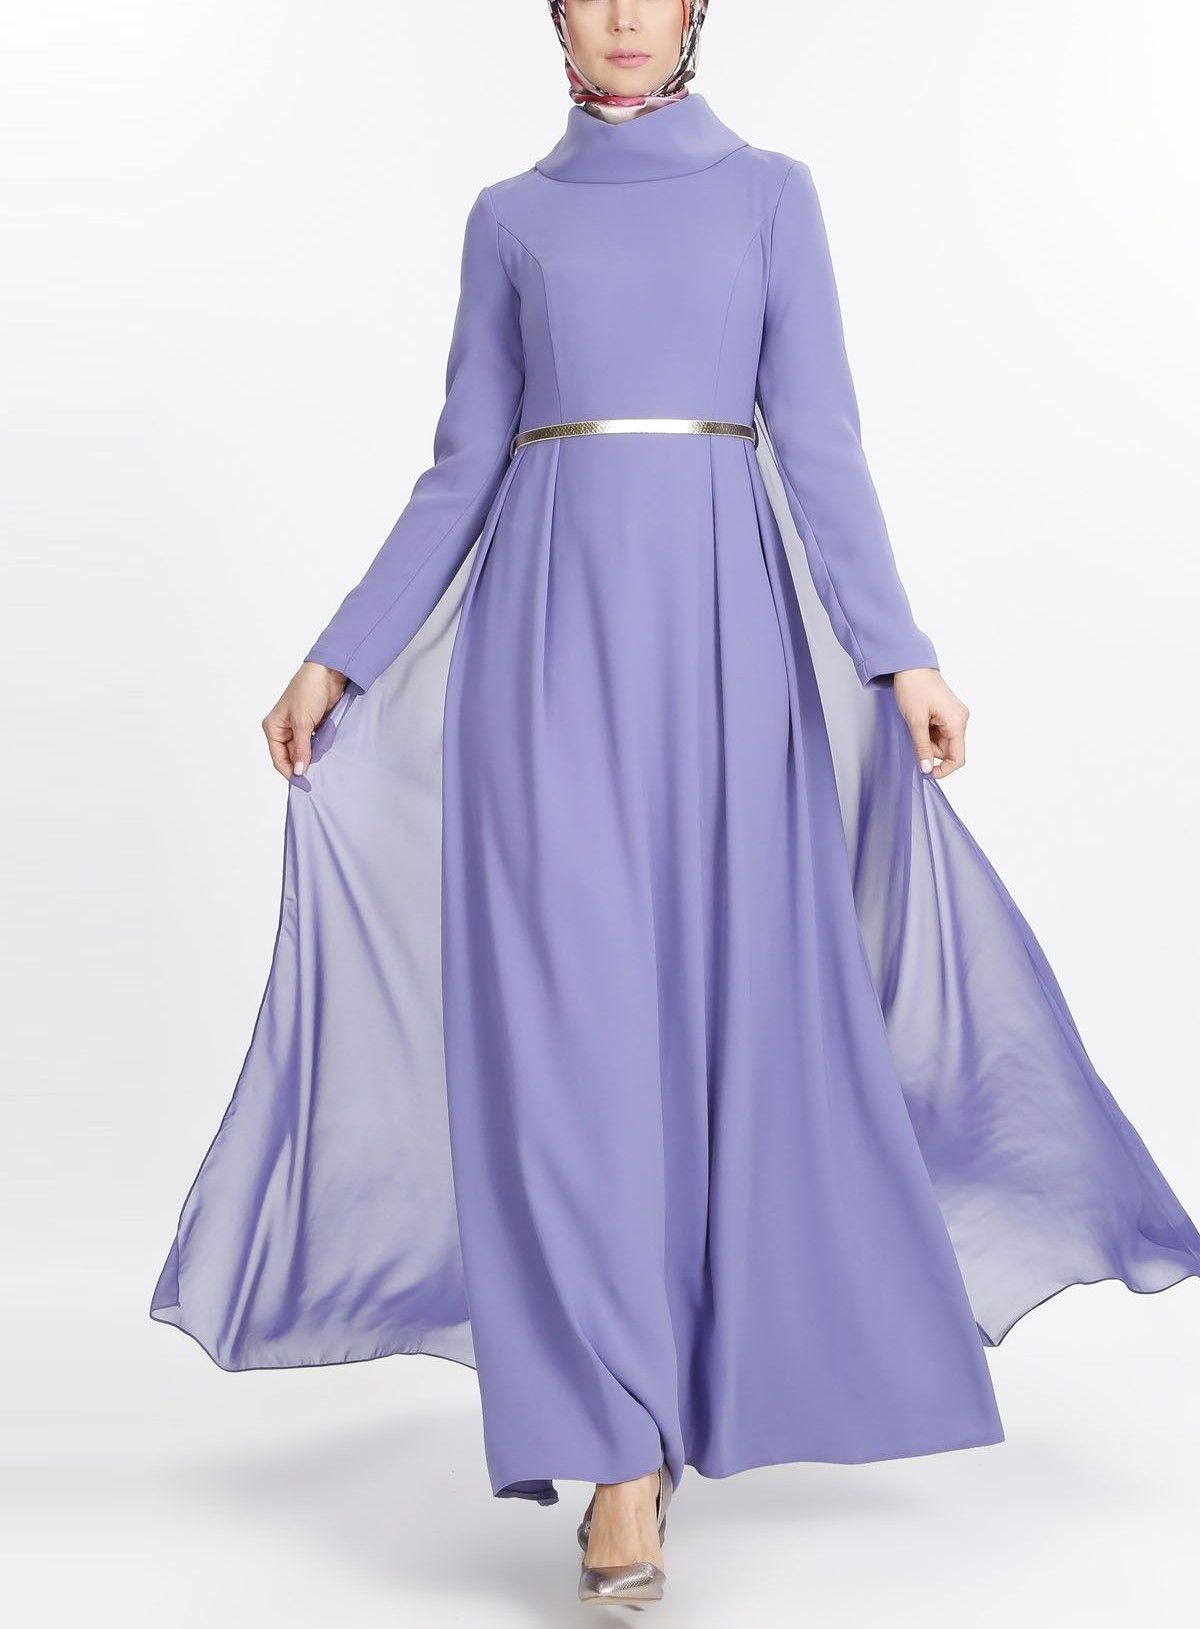 مدل لباس مجلسی بلند زنانه ایرانی